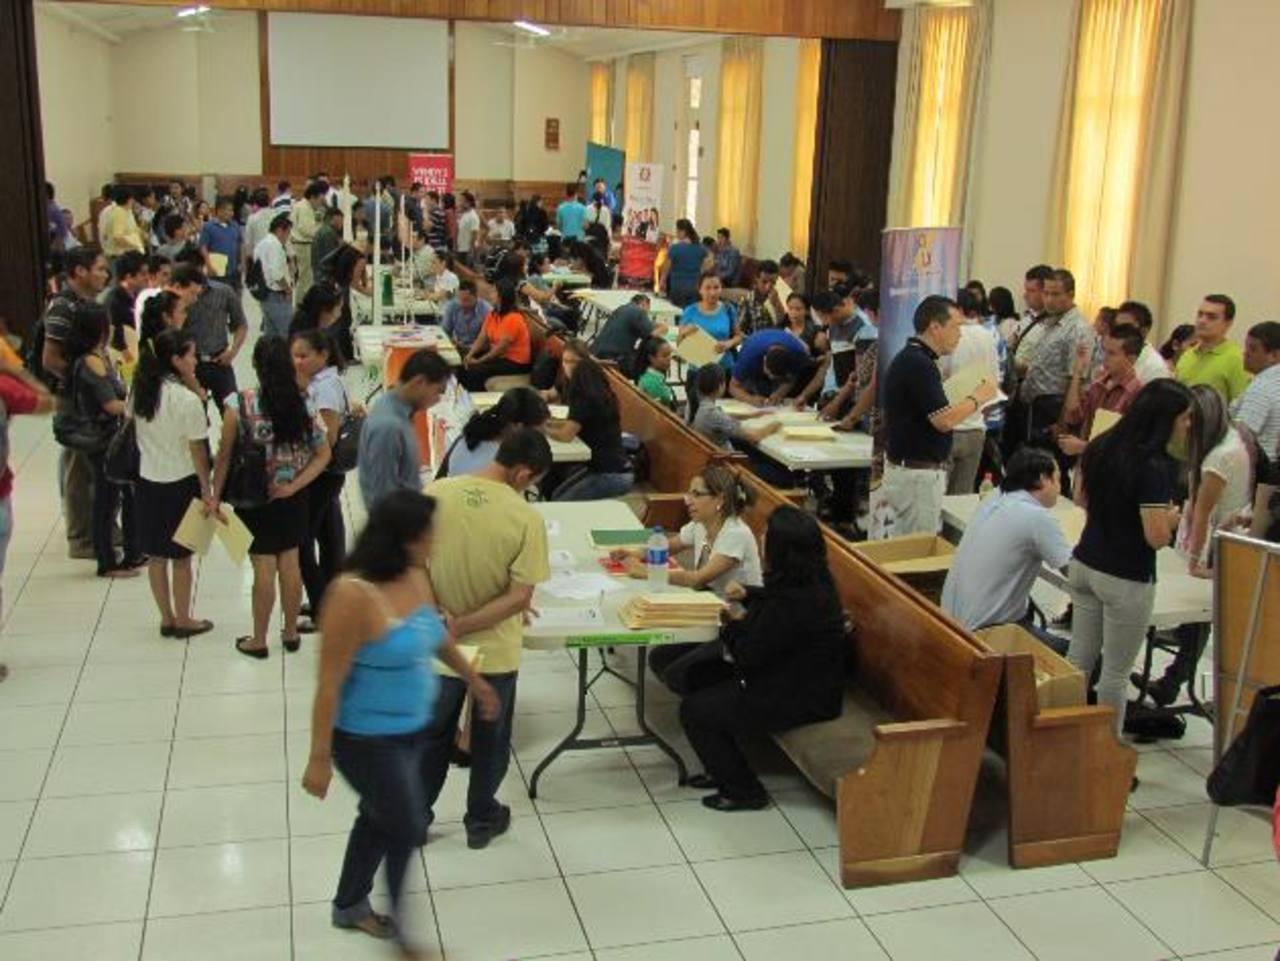 Los interesados deberán de llevar toda la documentación personas para ser presentada. foto edh / MAURICIO GUEVARA